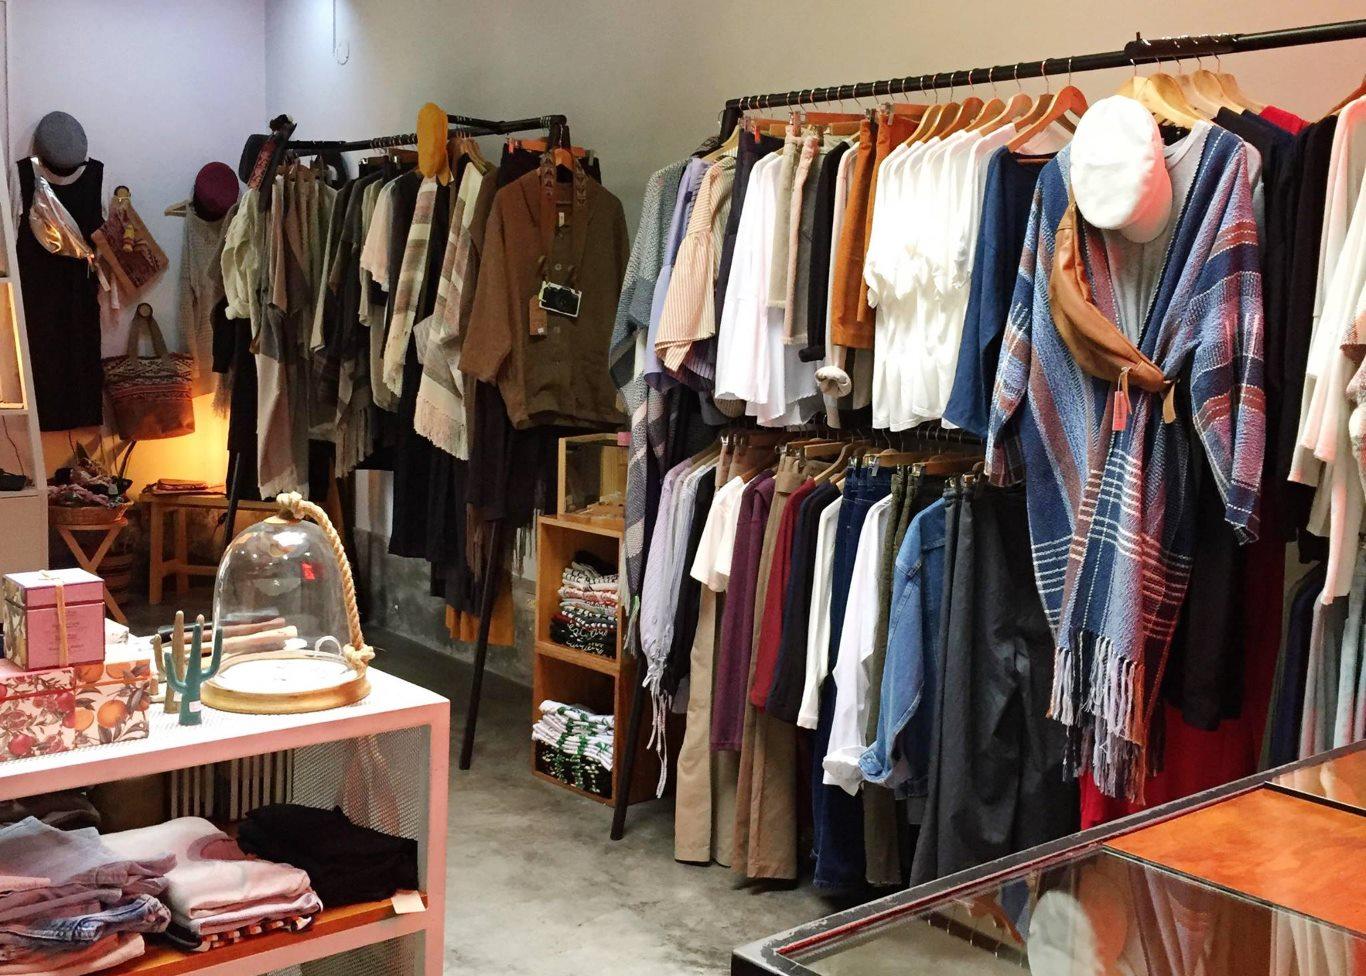 Kinh nghiệm quản lý shop thời trang quần áo bài bản